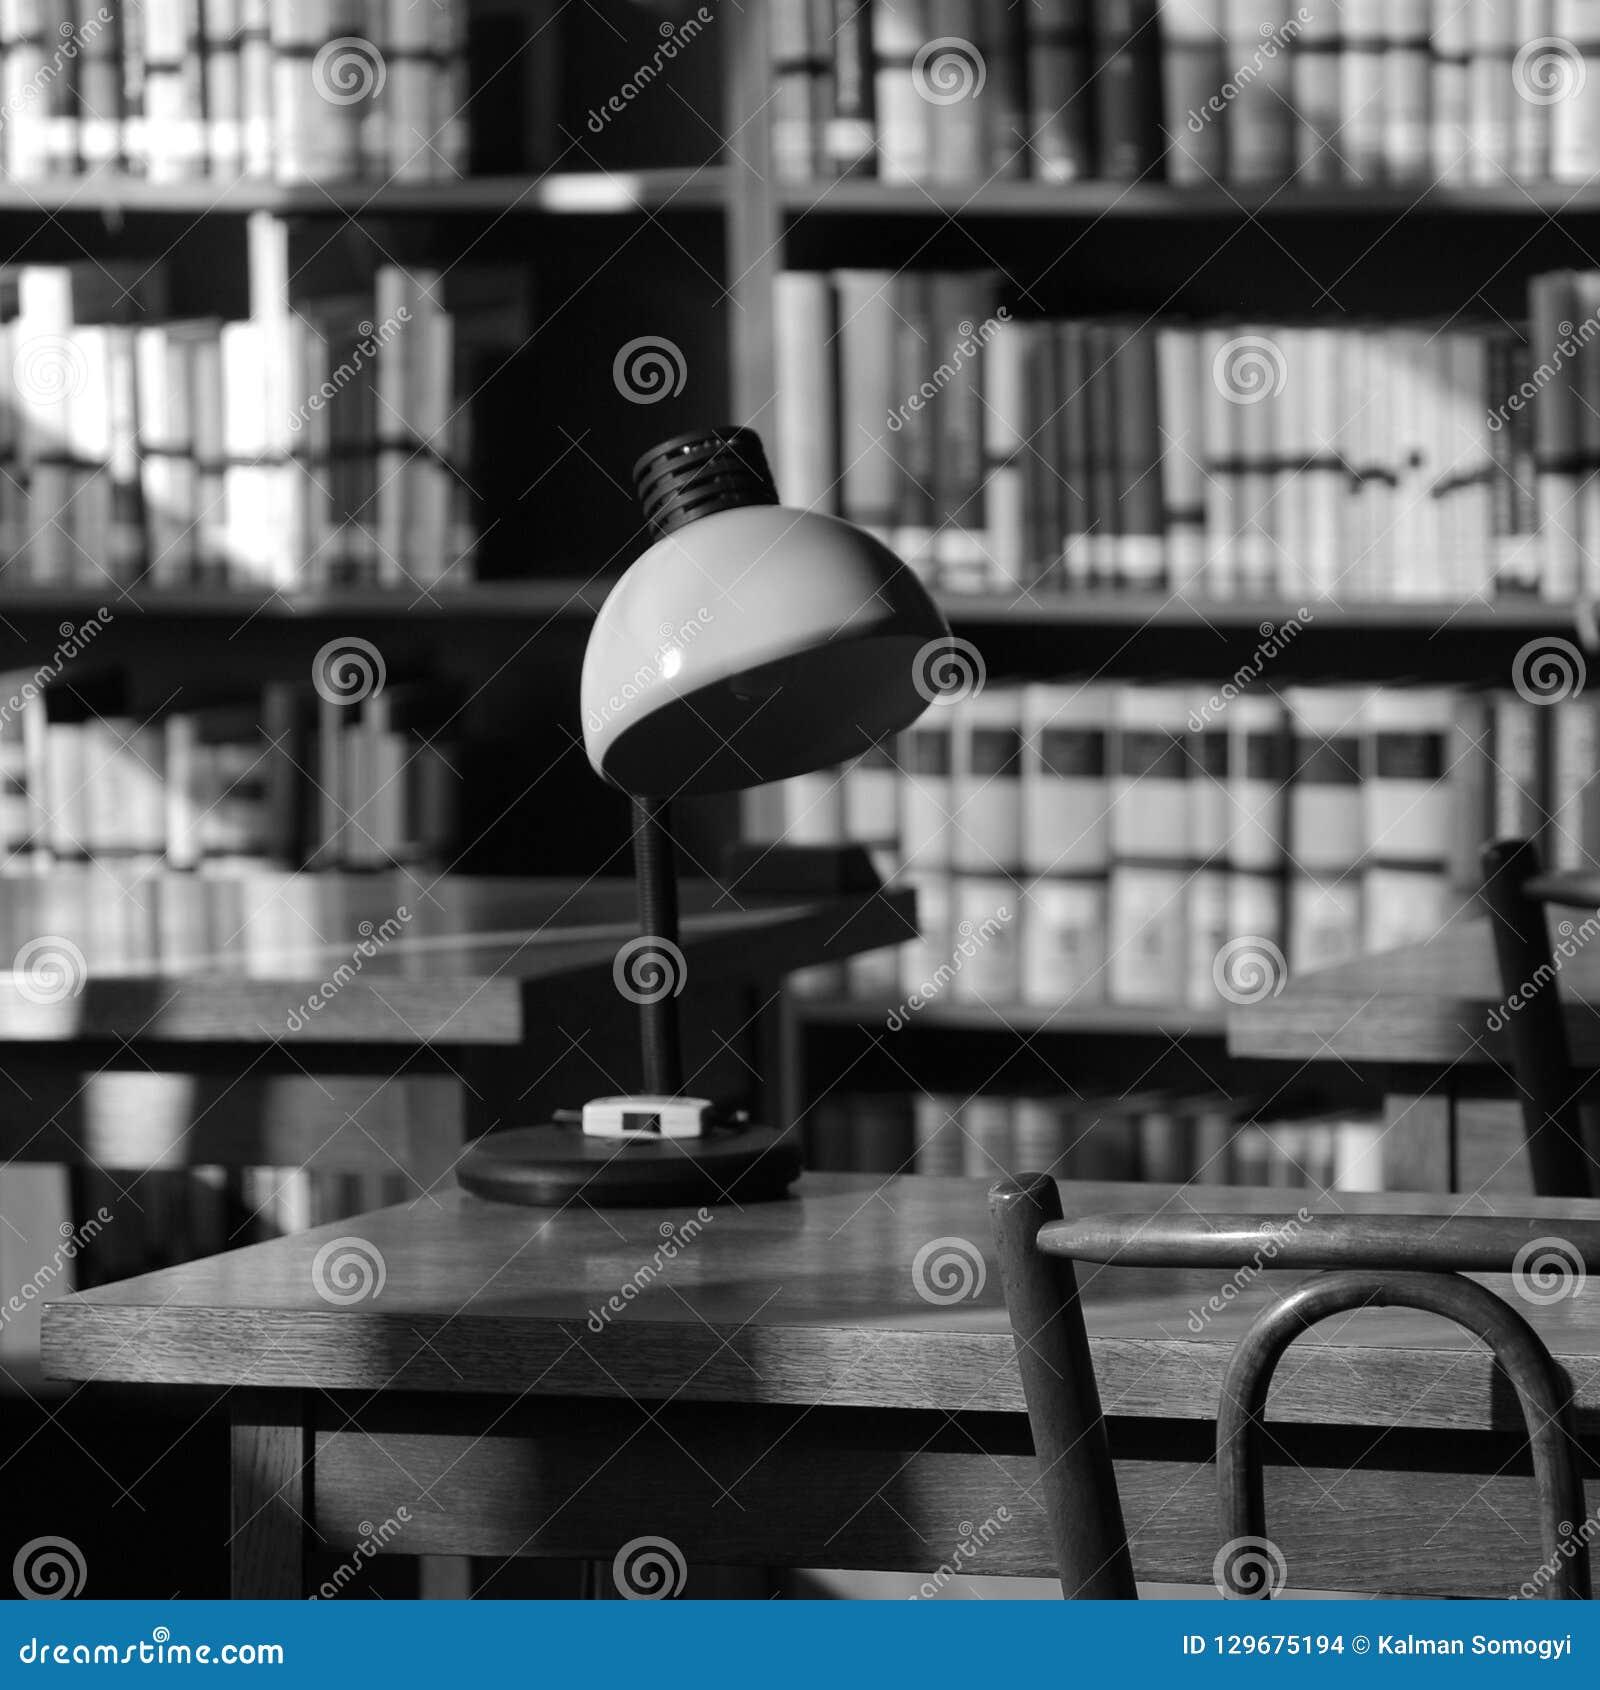 Stillleben in einer alten Bibliothek mit einer Lampe auf einer Tabelle